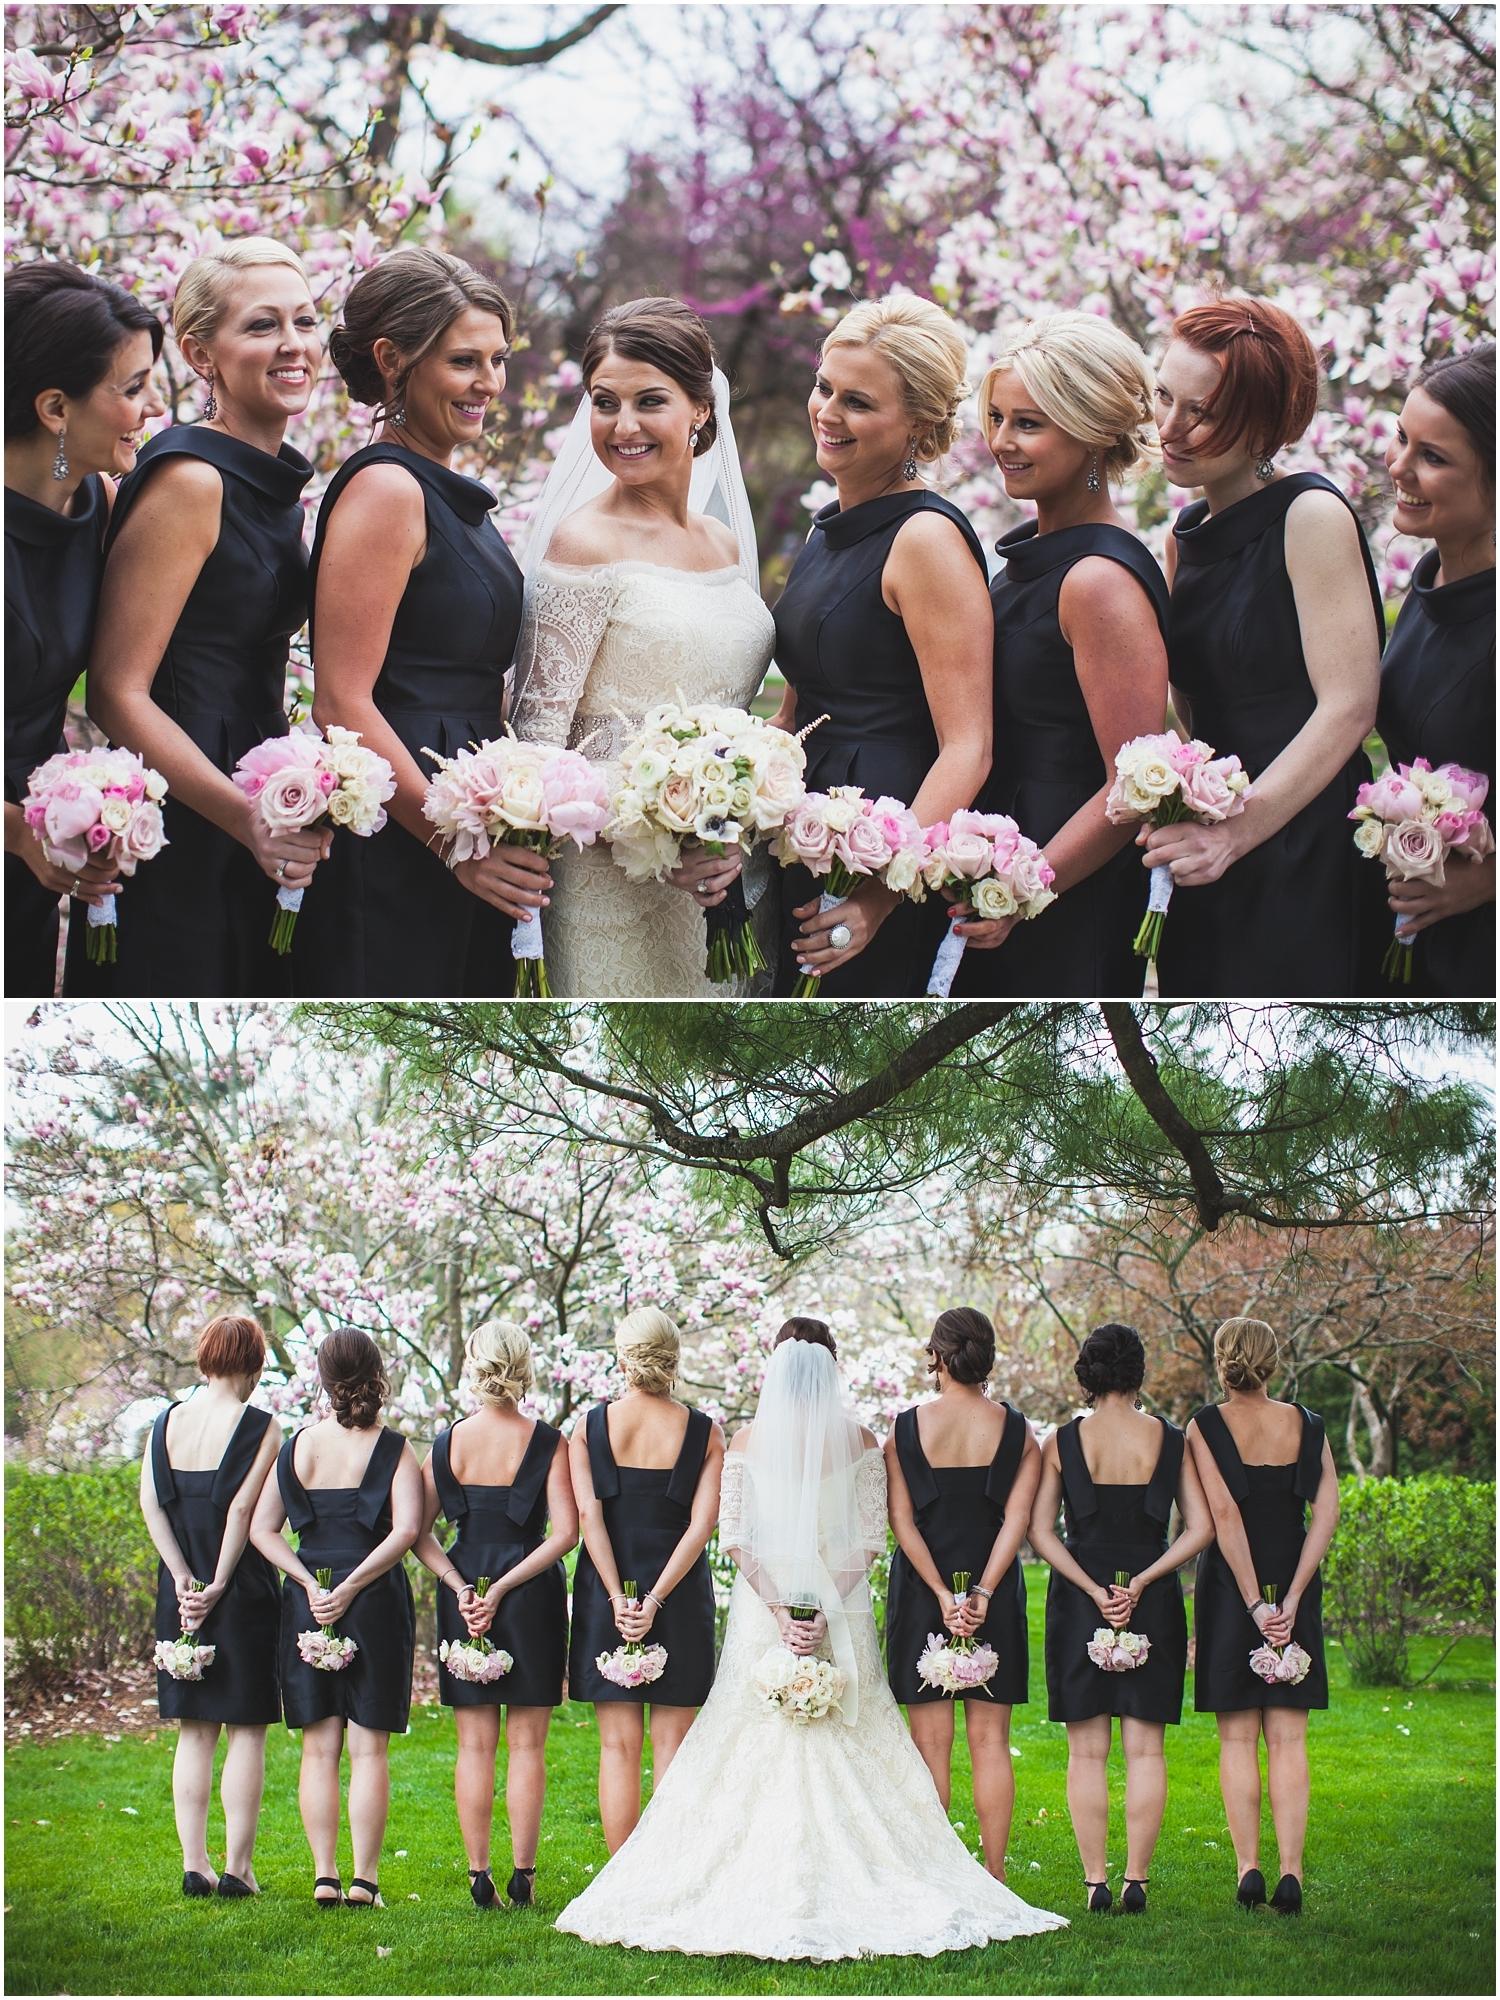 Ein sehr starker Kontrast bei Brautjungfer Kleid – Die Farbe Schwarz